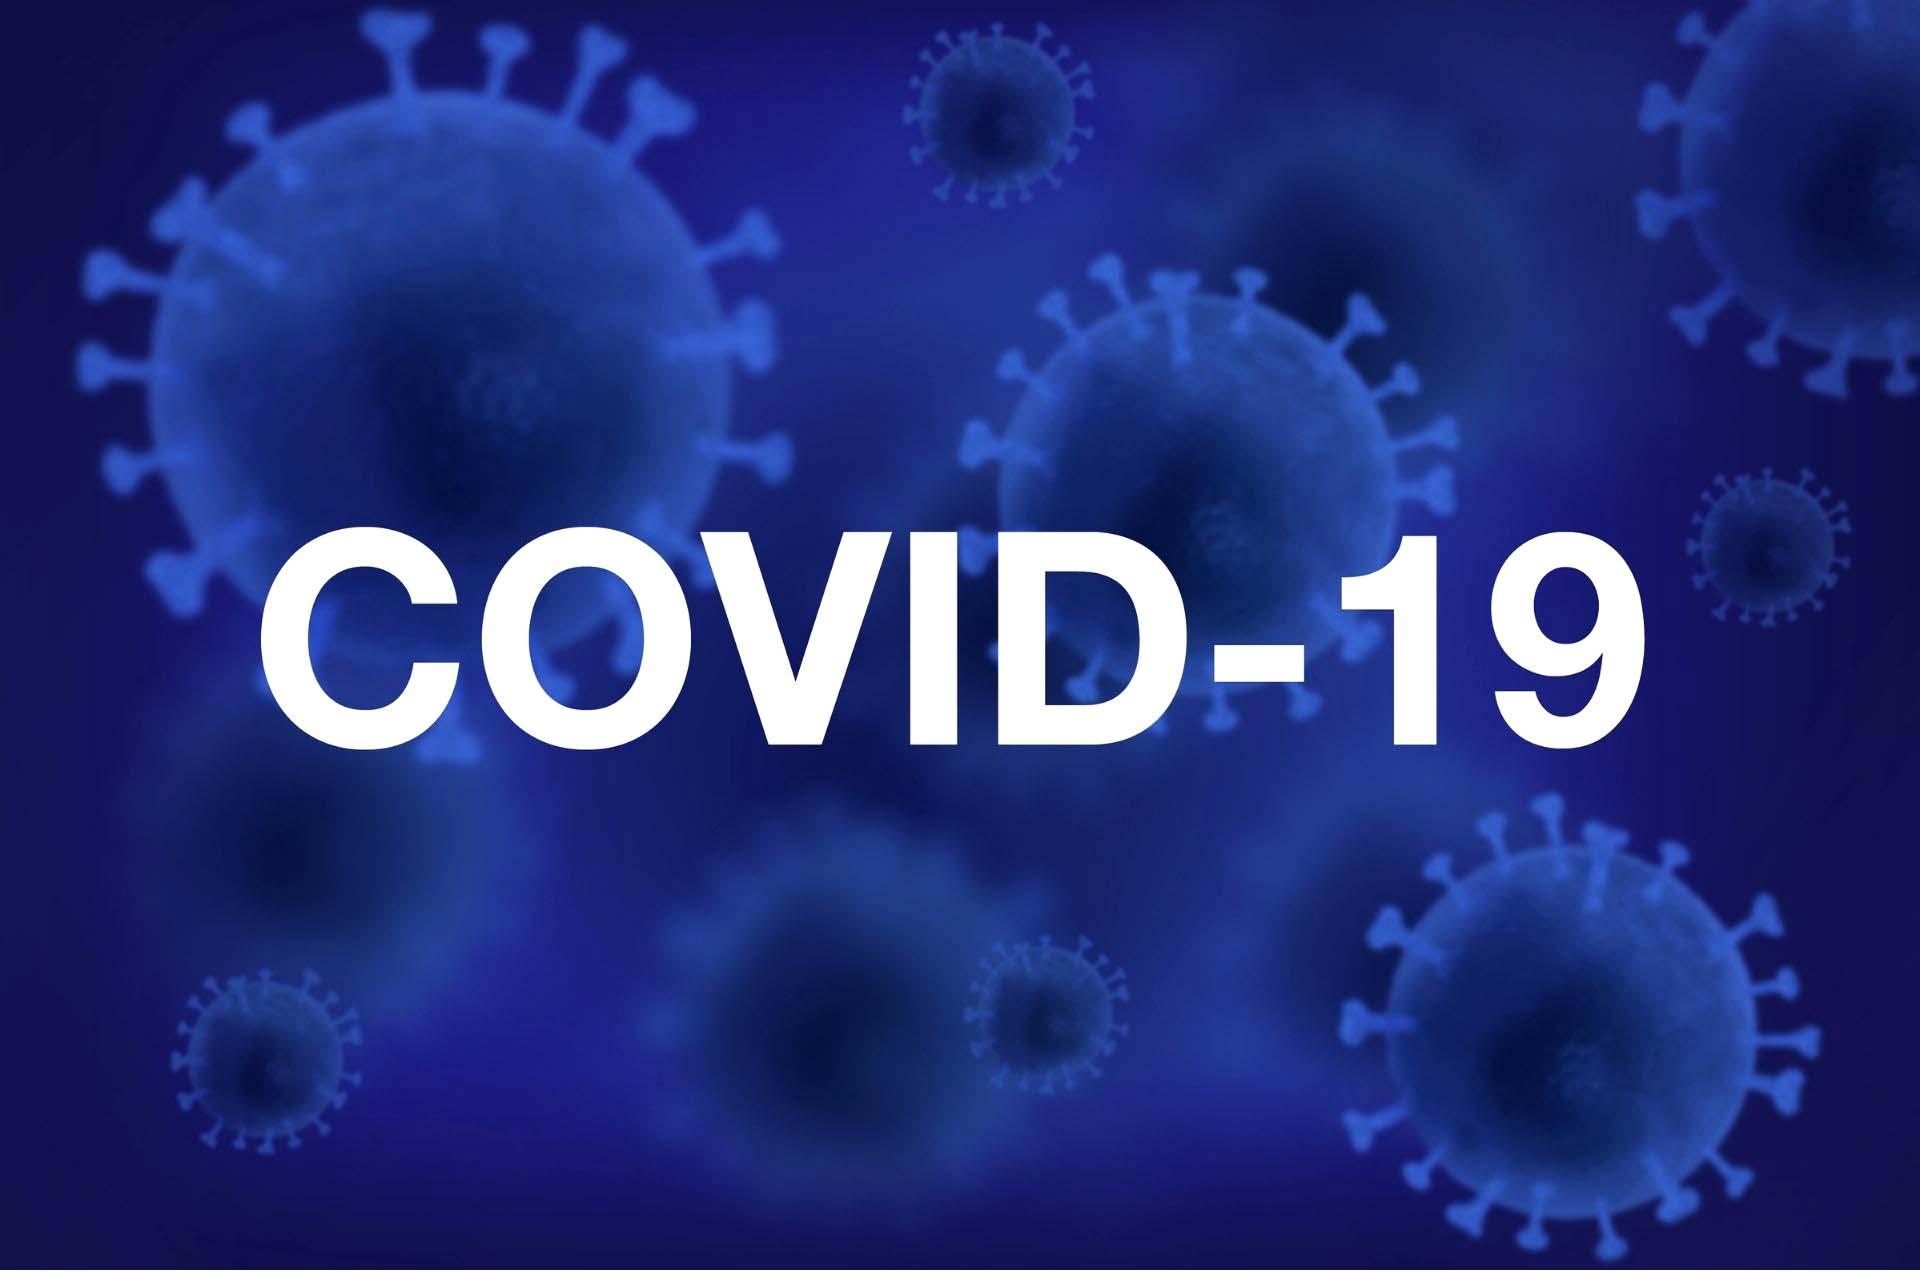 Nueva ola de COVID- 19 ¿Cómo afrontarla desde casa?